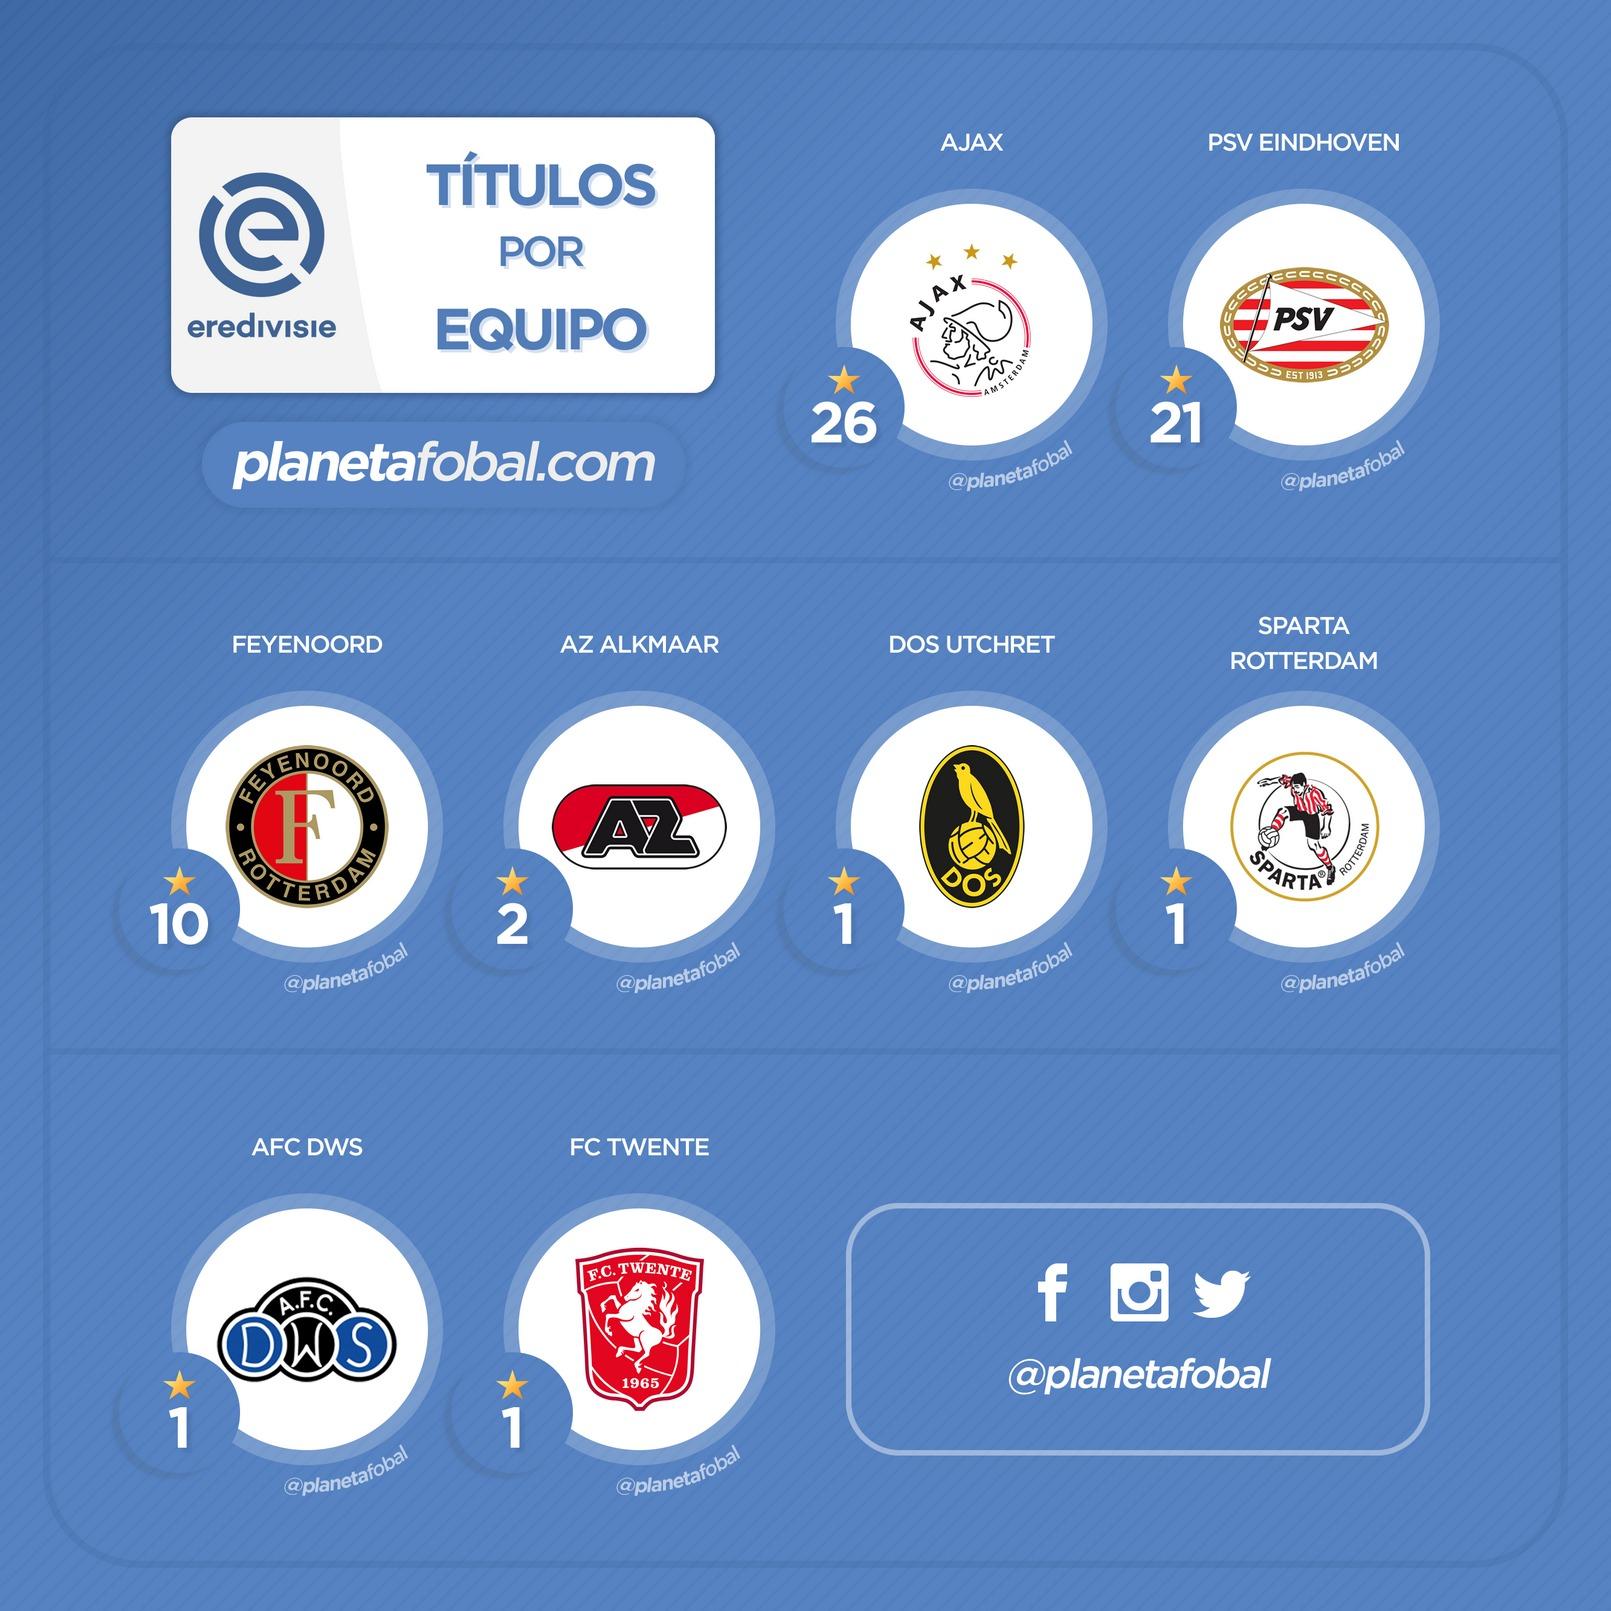 Títulos por club en la Eredivisie de los Países Bajos